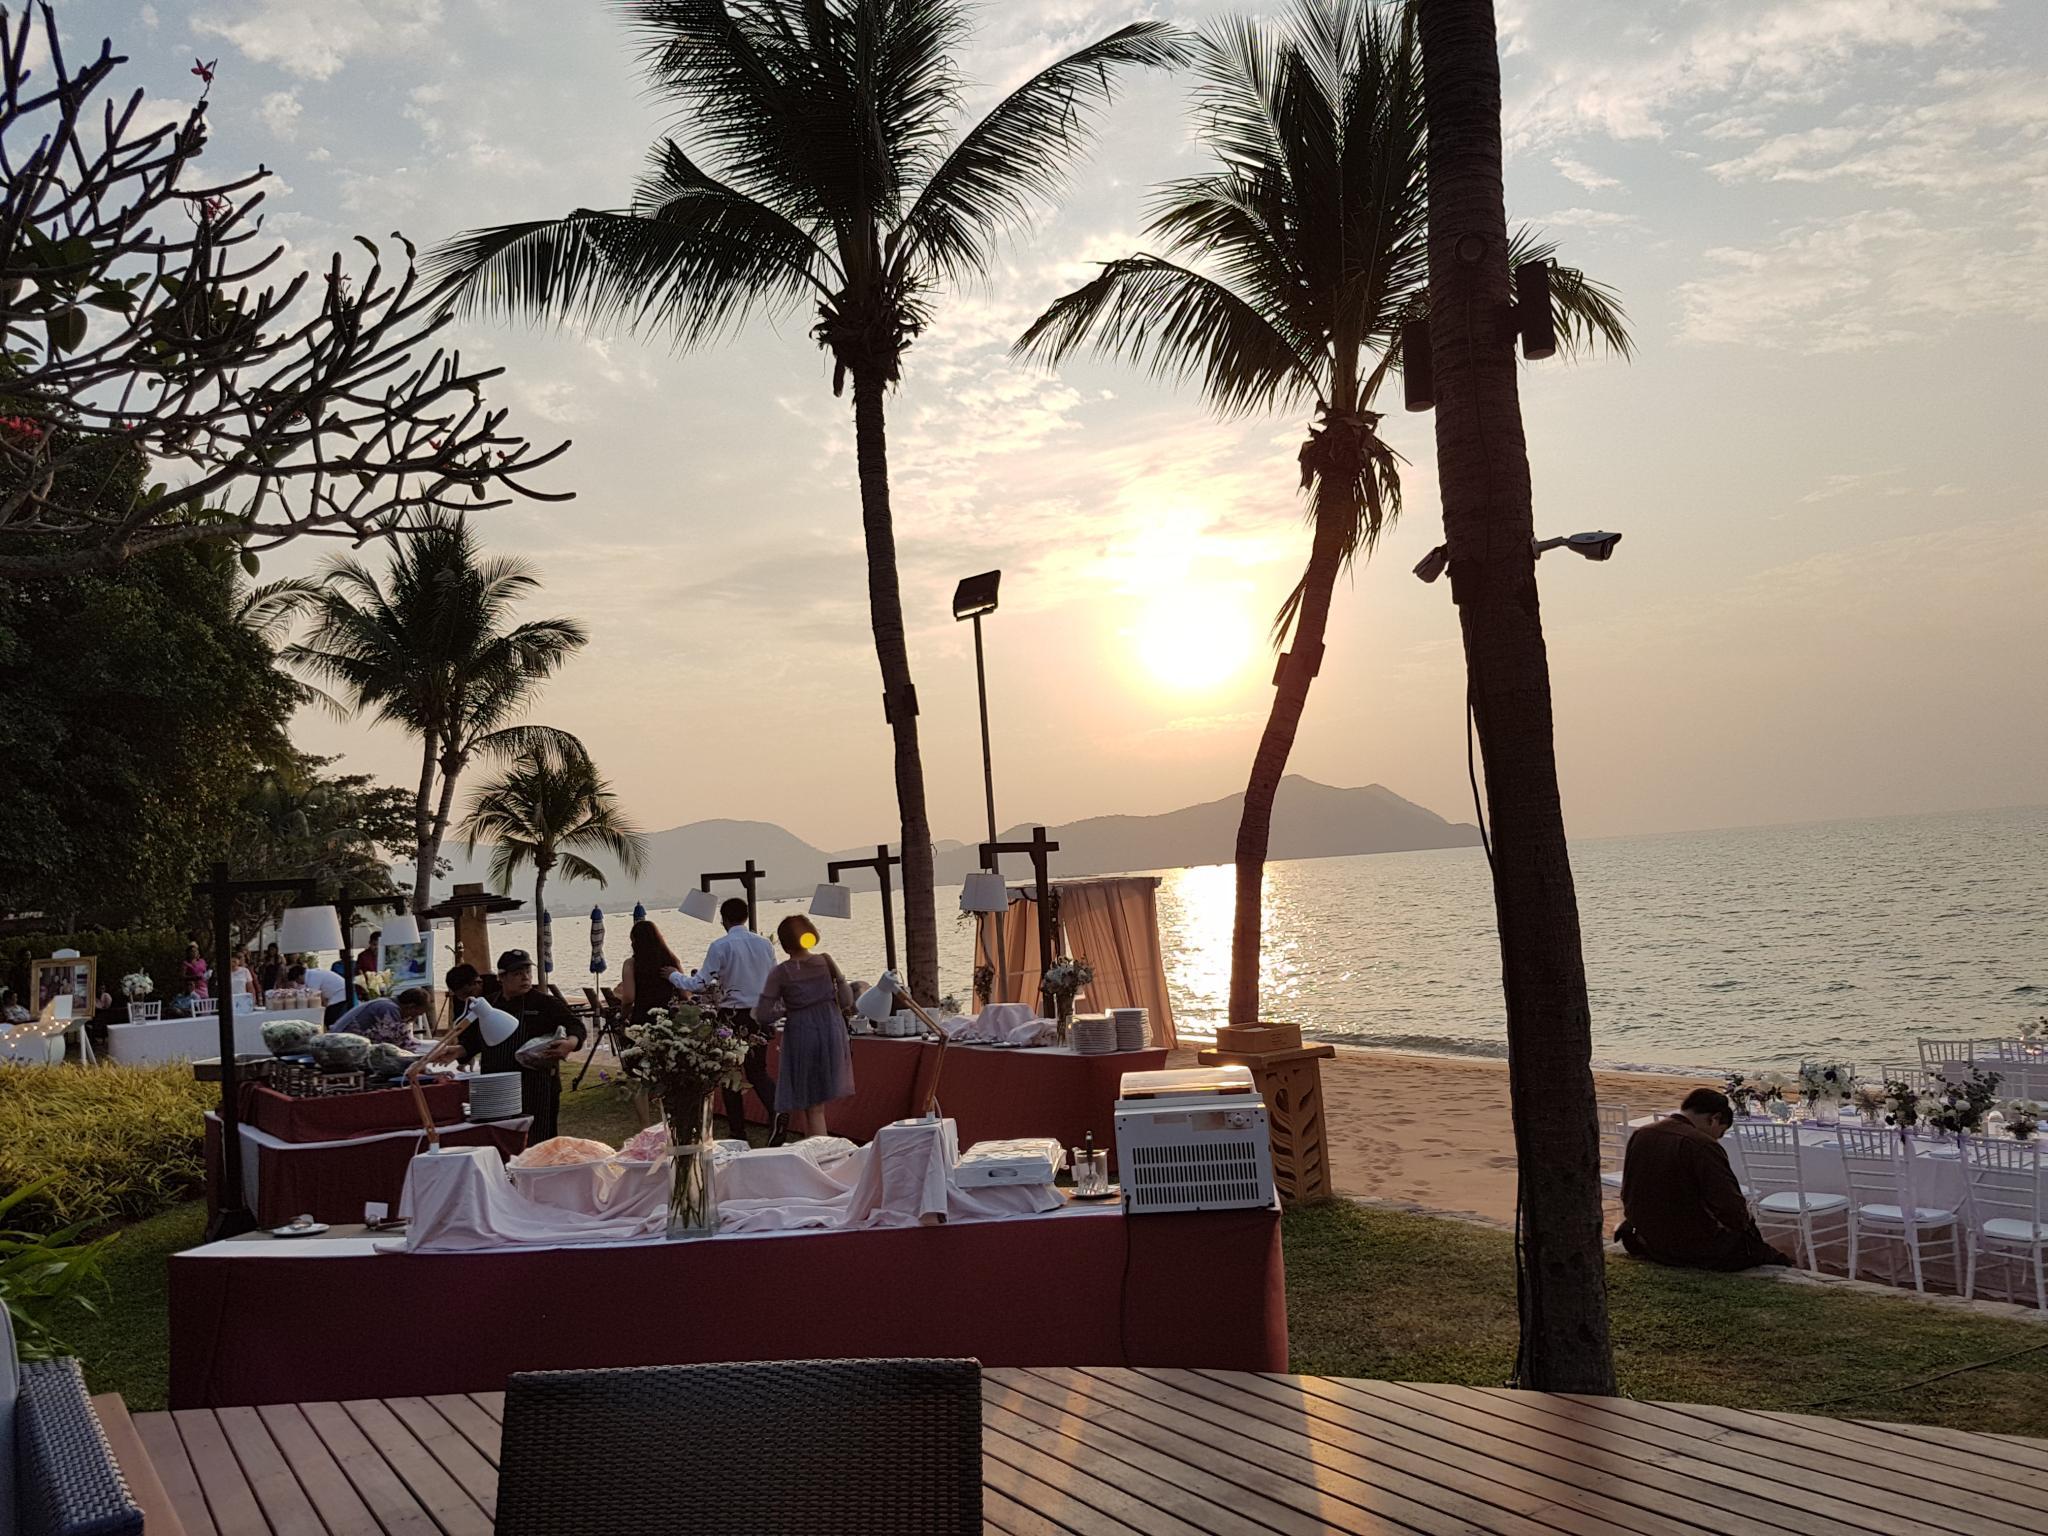 Bang Saray beach wedding & villa.-20191228_172032-jpg